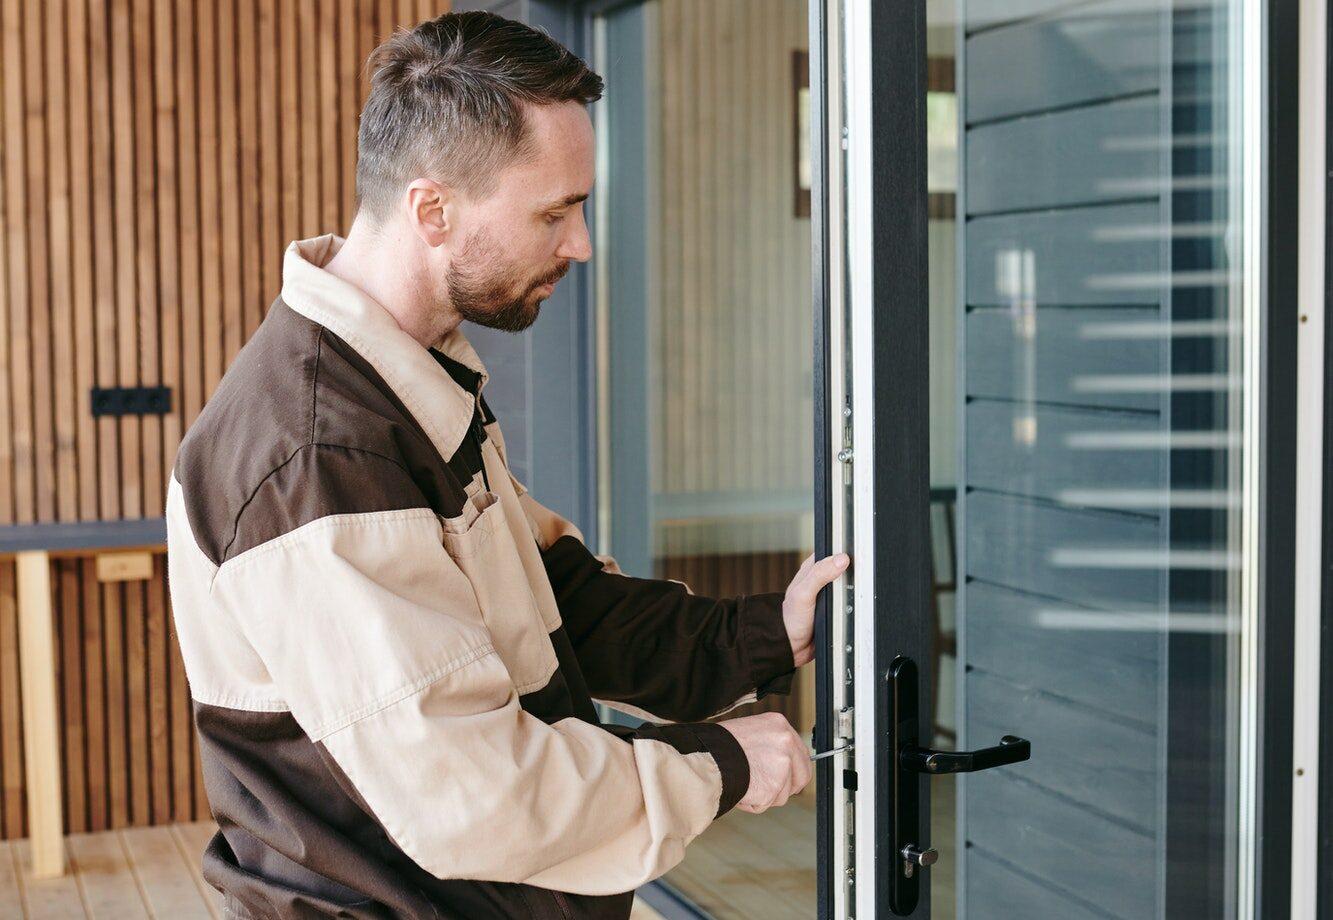 Låsesmed DR byen og låsesmed Sundby - Billig låseservice 24/7